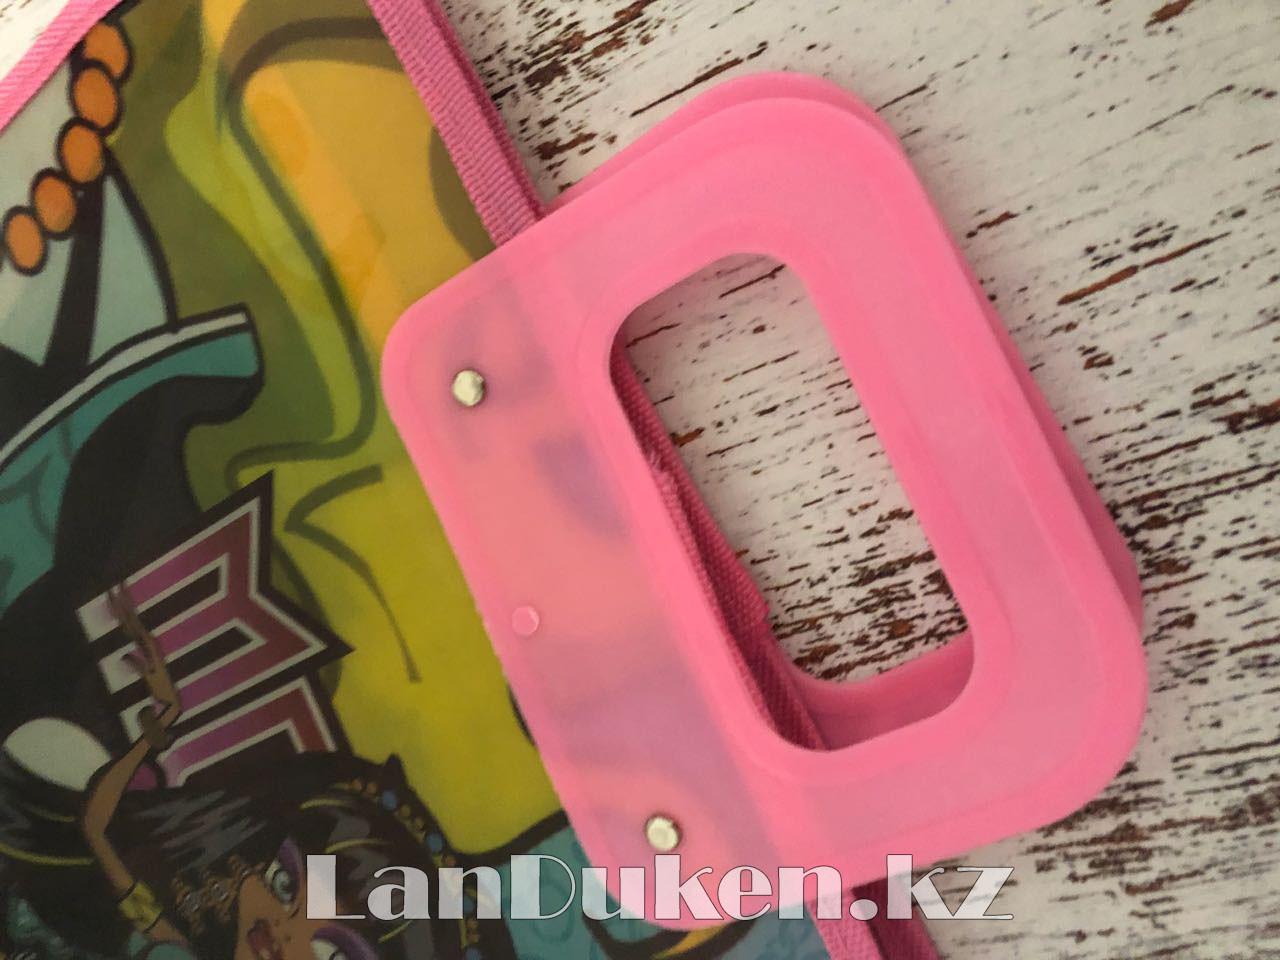 Детская папка-портфель с пластиковыми ручками Монстер Хай (Monster High) формат A4 розовая - фото 3